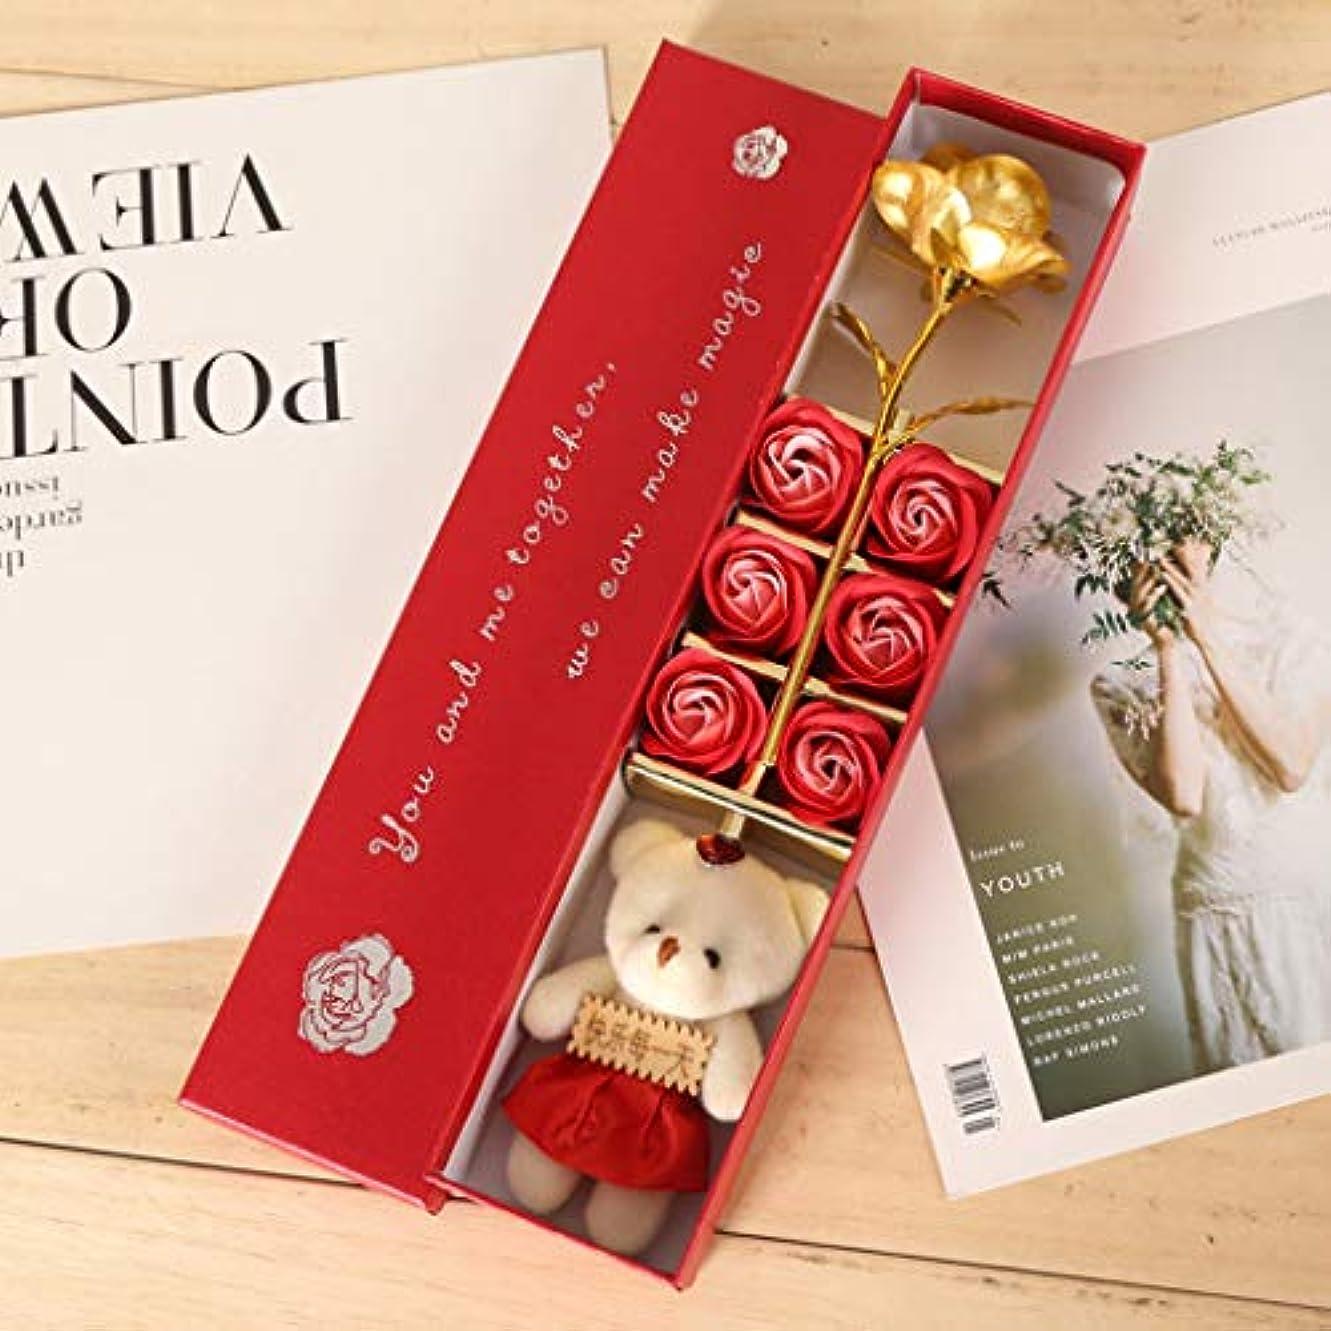 イーウェル教える豊富に【ゴールデンローズギフトボックス】6石鹸のバラの花/せっけんの花/かわいいバラ/素敵な女の子/ママへのユニークな贈り物/誕生日/母の日/記念日/バレンタインデー/卒業プレゼント/あなたが愛した人のための女性 (レッド)